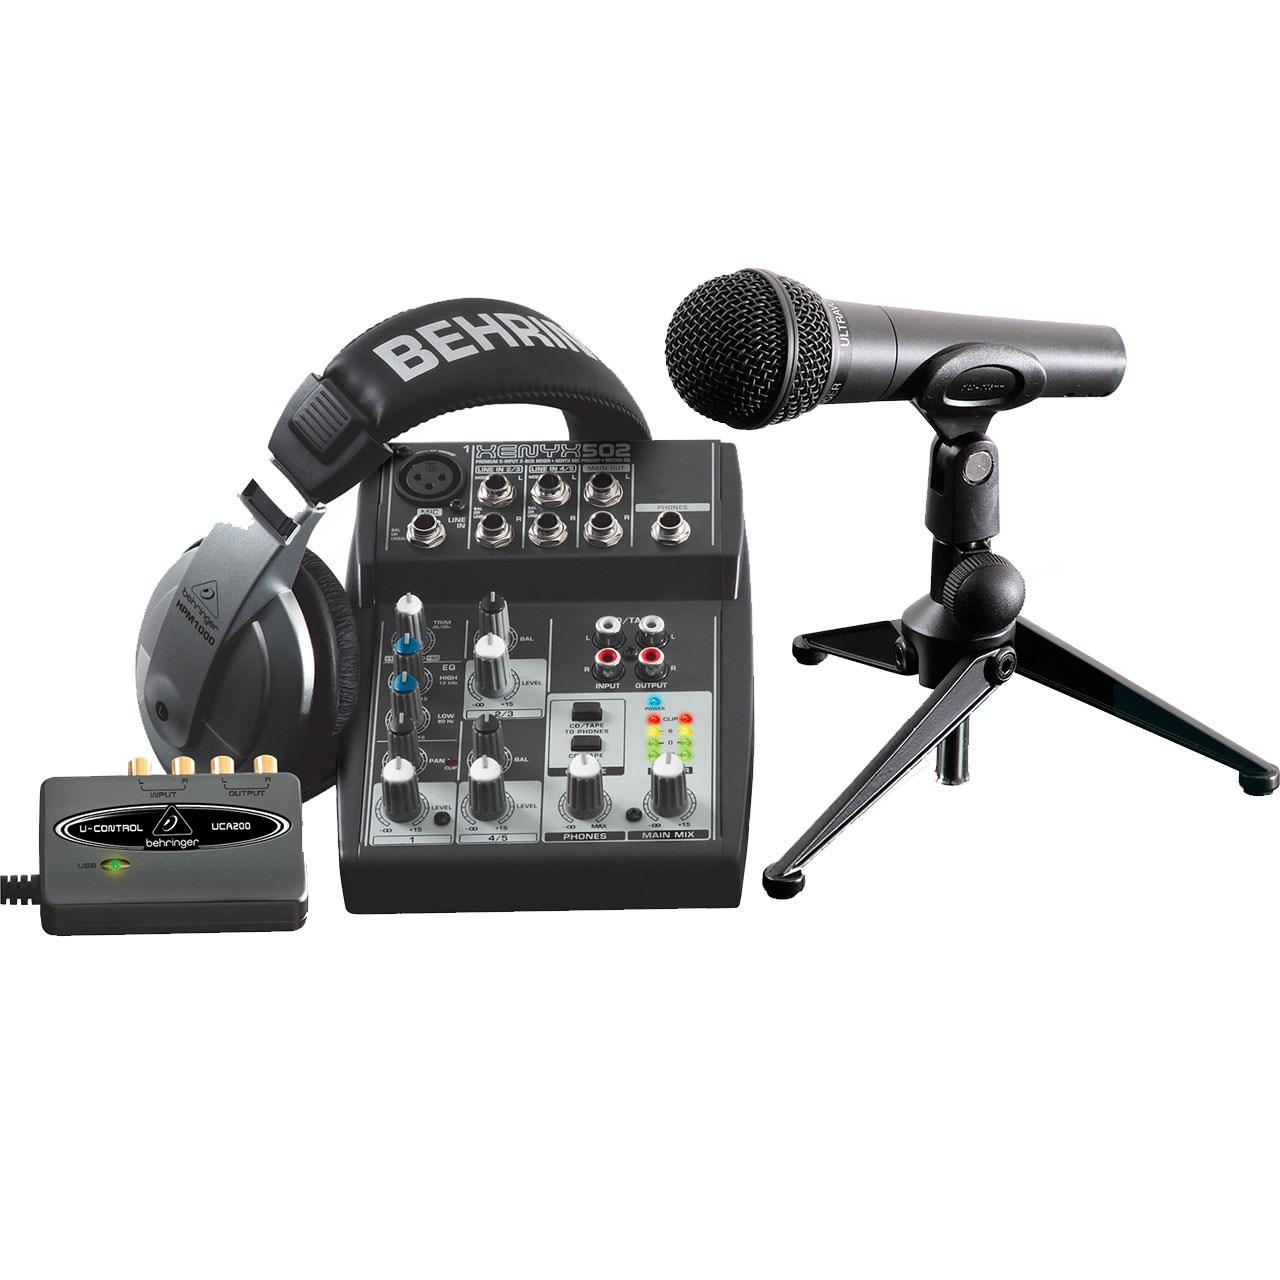 پکیج کامل ضبط استودیو بهرینگر مدل PODCASTUDIO